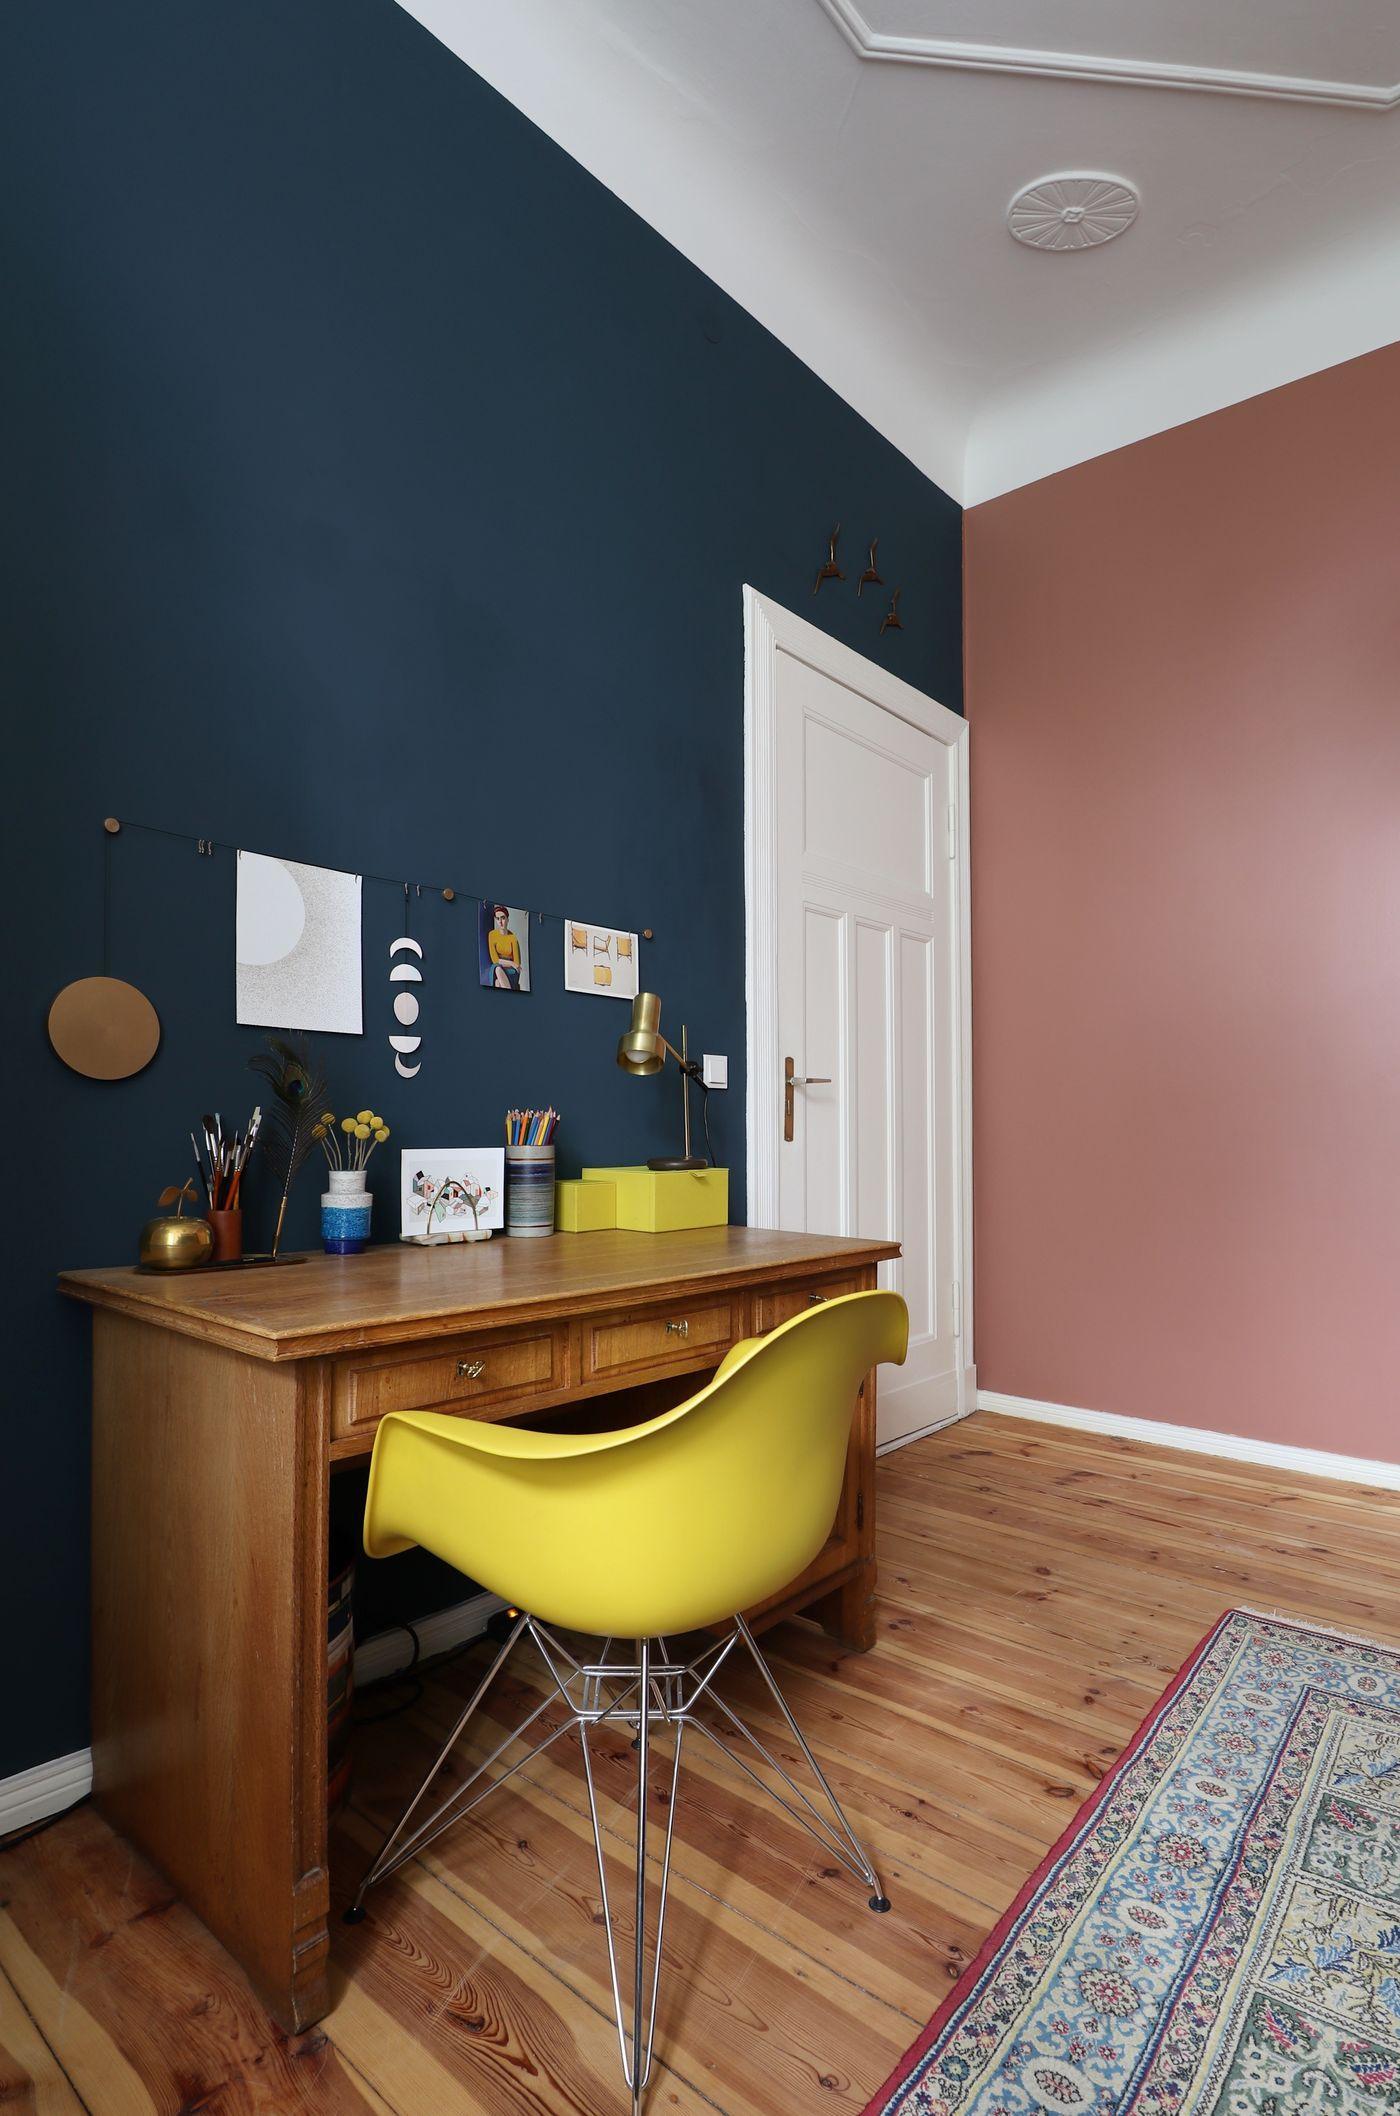 Zimmer einrichten die perfekte zimmergestaltung for Neues zimmer einrichten